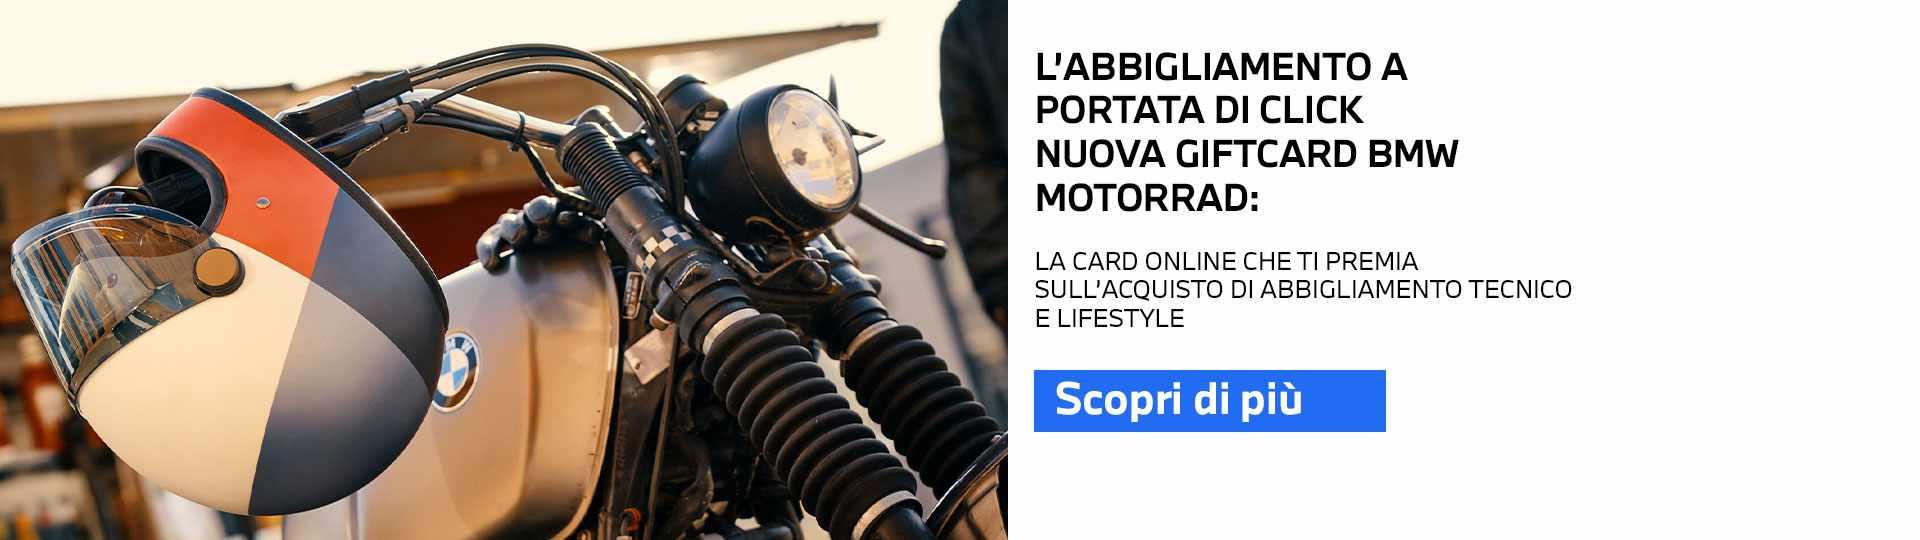 header_bmw_motorrad_voucher_marzo_2021.jpg